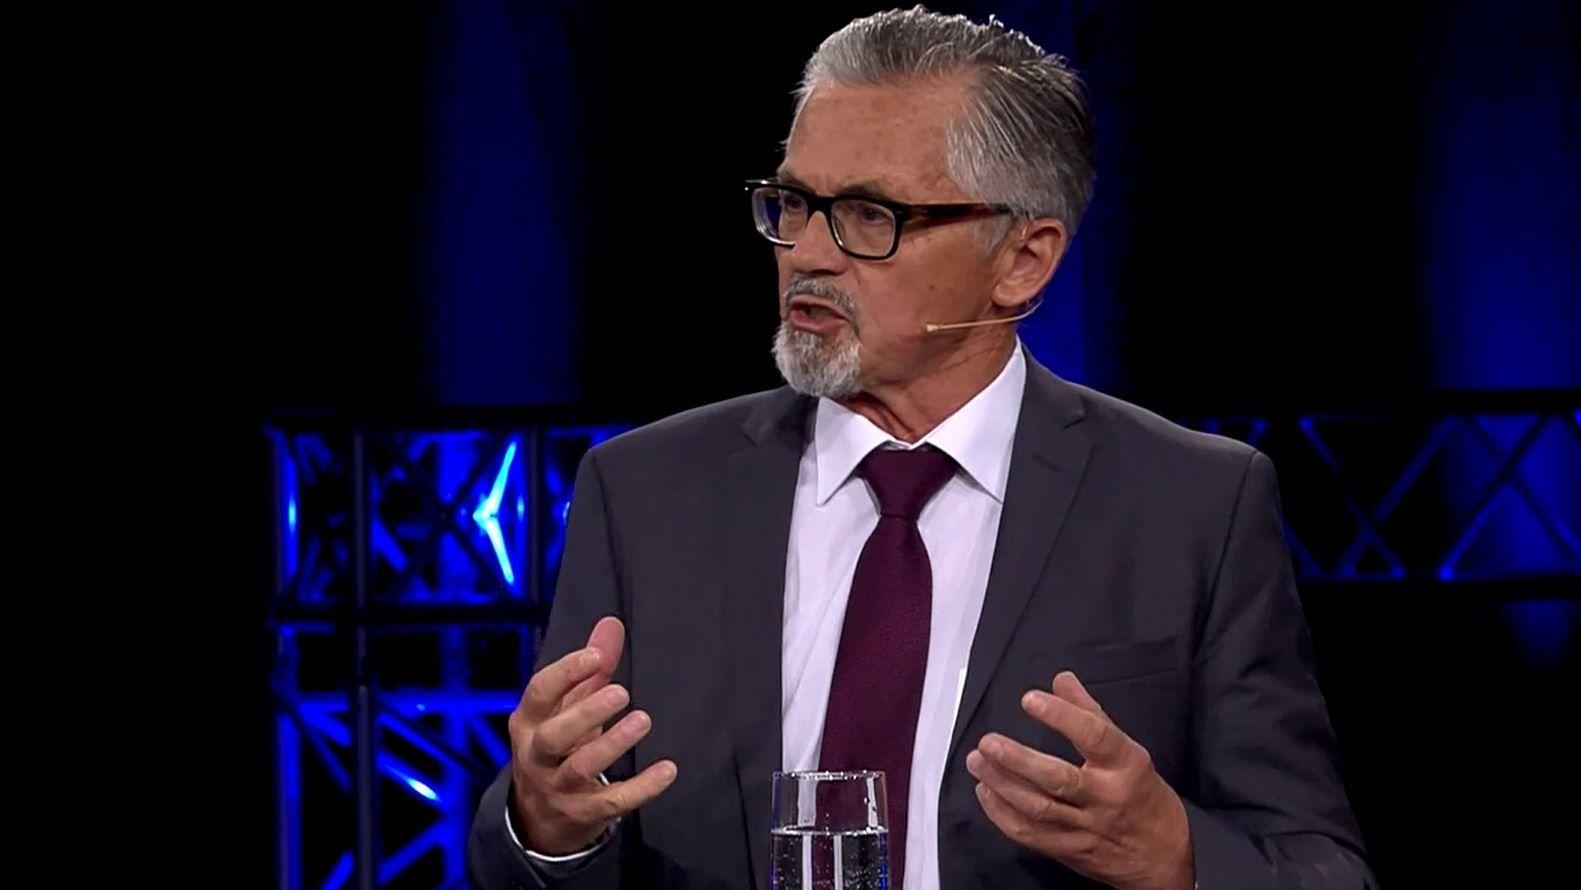 Der AfD-Kandidat Bernhard Zimniok in der BR Wahlarena